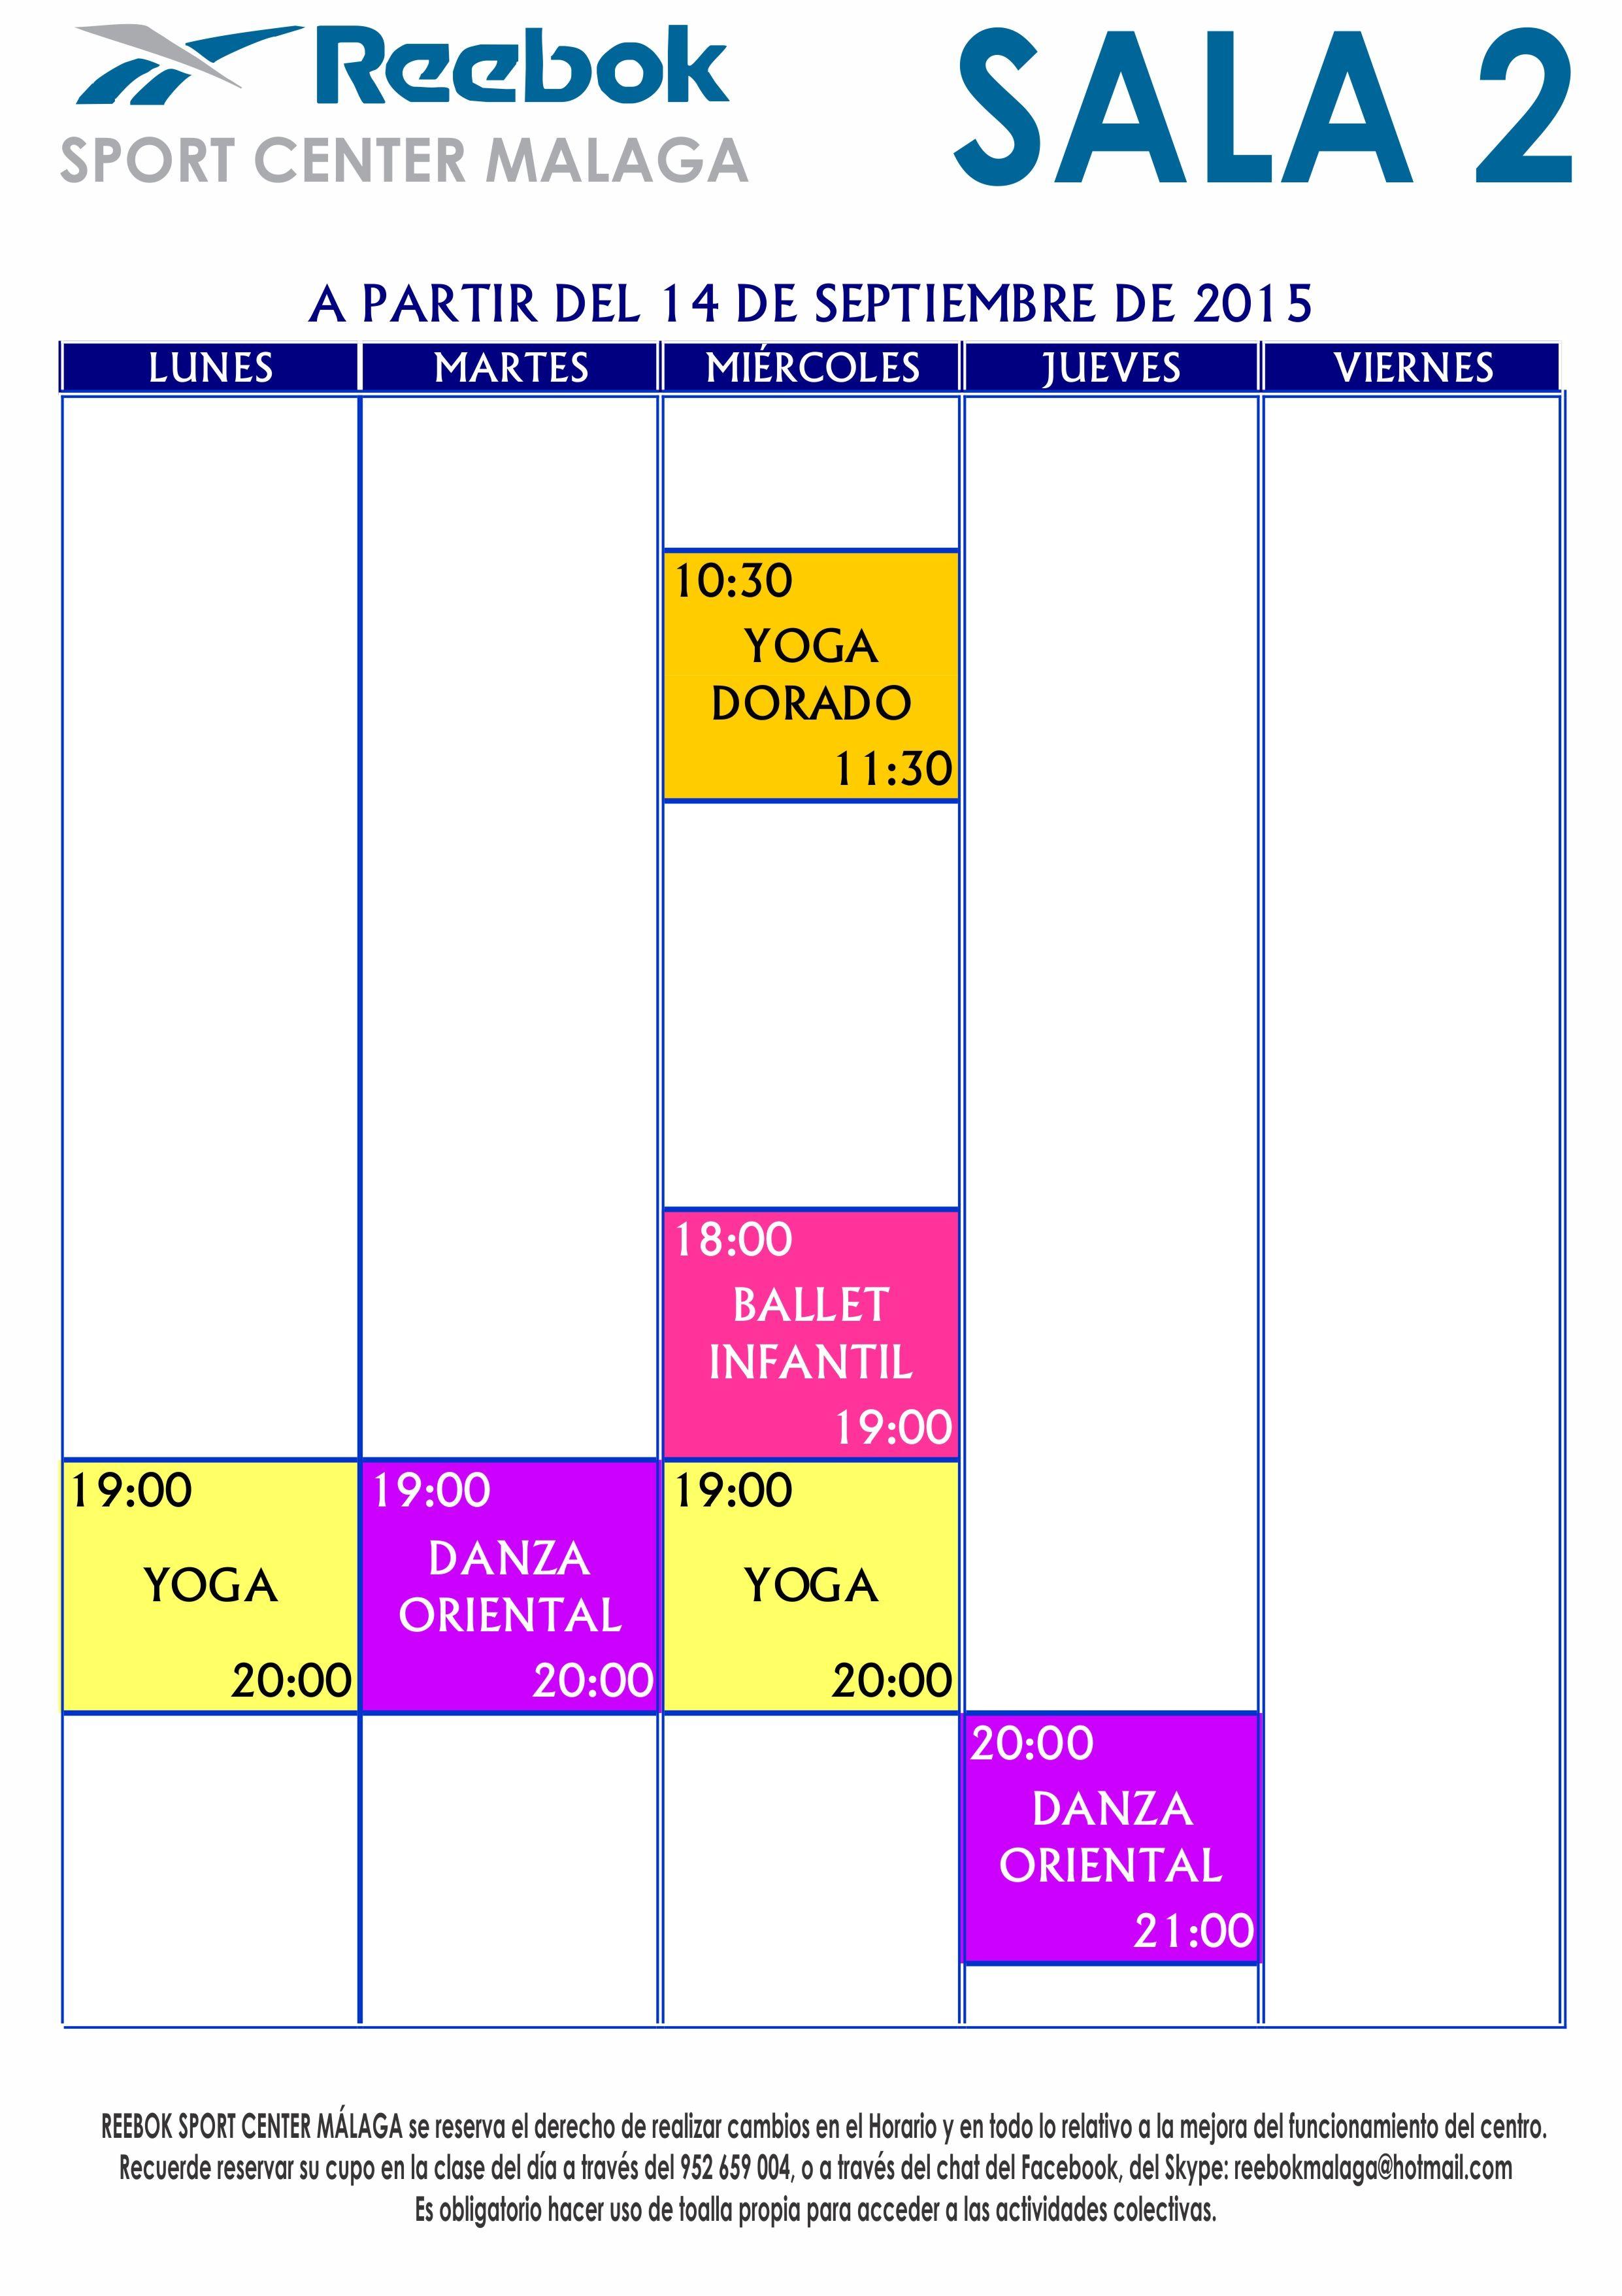 Horario de actividades colectivas en Sala 2, a partir del 14/Sep/2015. Más información en http://reebokmalaga.com/horarios